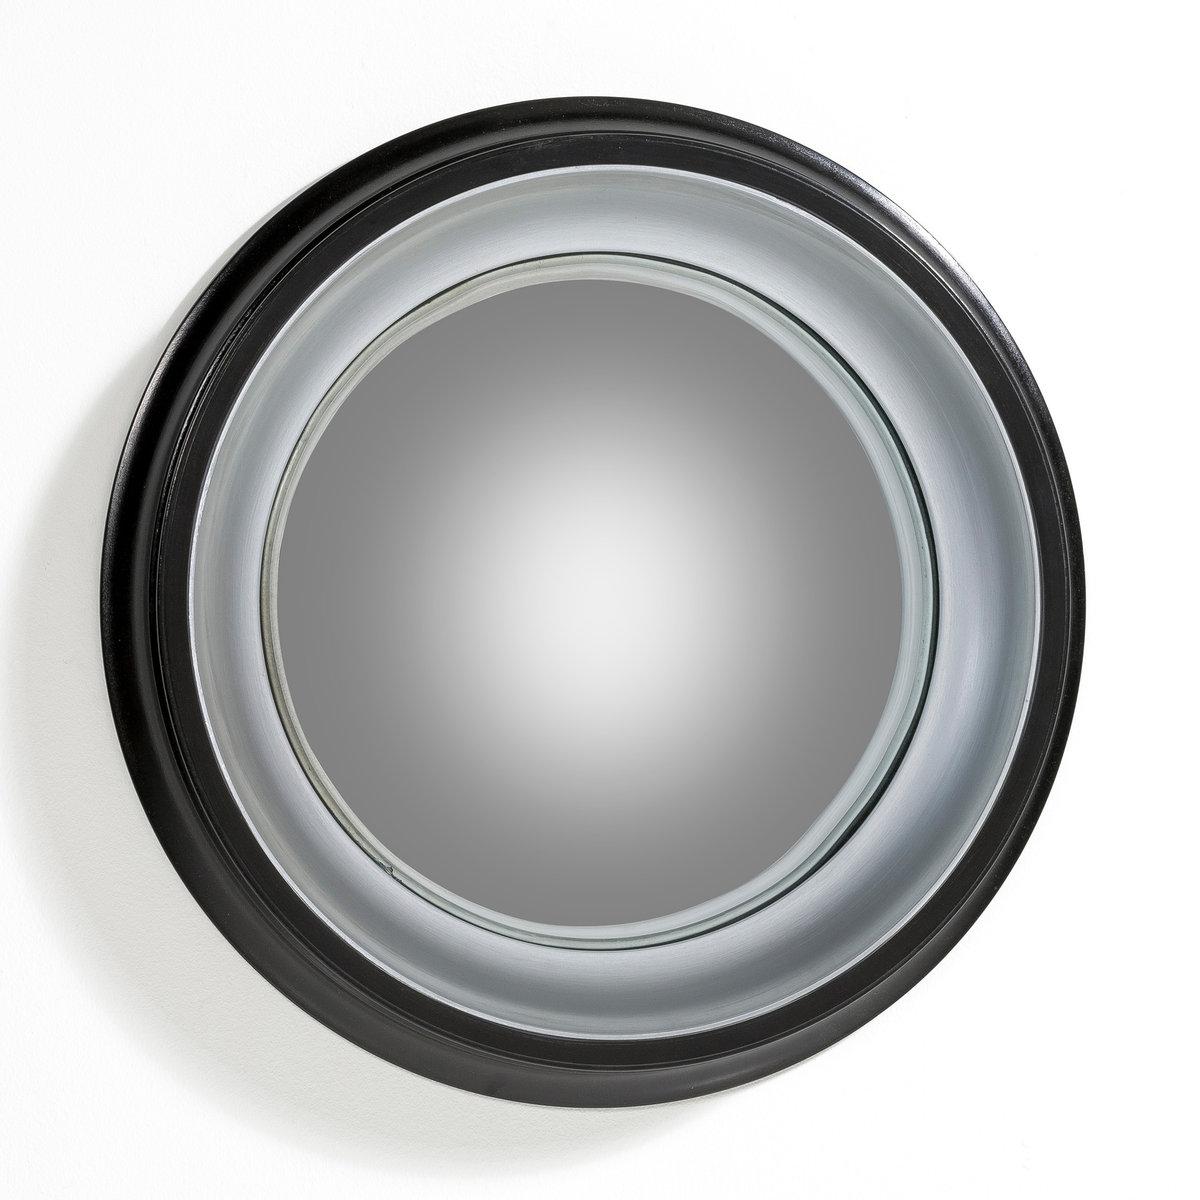 Зеркало Samantha, большой размер?60 смLa Redoute<br>Волшебное зеркало с выпуклым алюминиевым стеклом наделит Вас магической силой...Характеристики: : Рама из МДФ, отделка черного и золотистого цвета. Выпуклое алюминиевое стекло. Металлические крепления, которые заделываются в стену.Размеры  :Диаметр 60 см.<br><br>Цвет: черный/ золотистый,черный/ серебристый